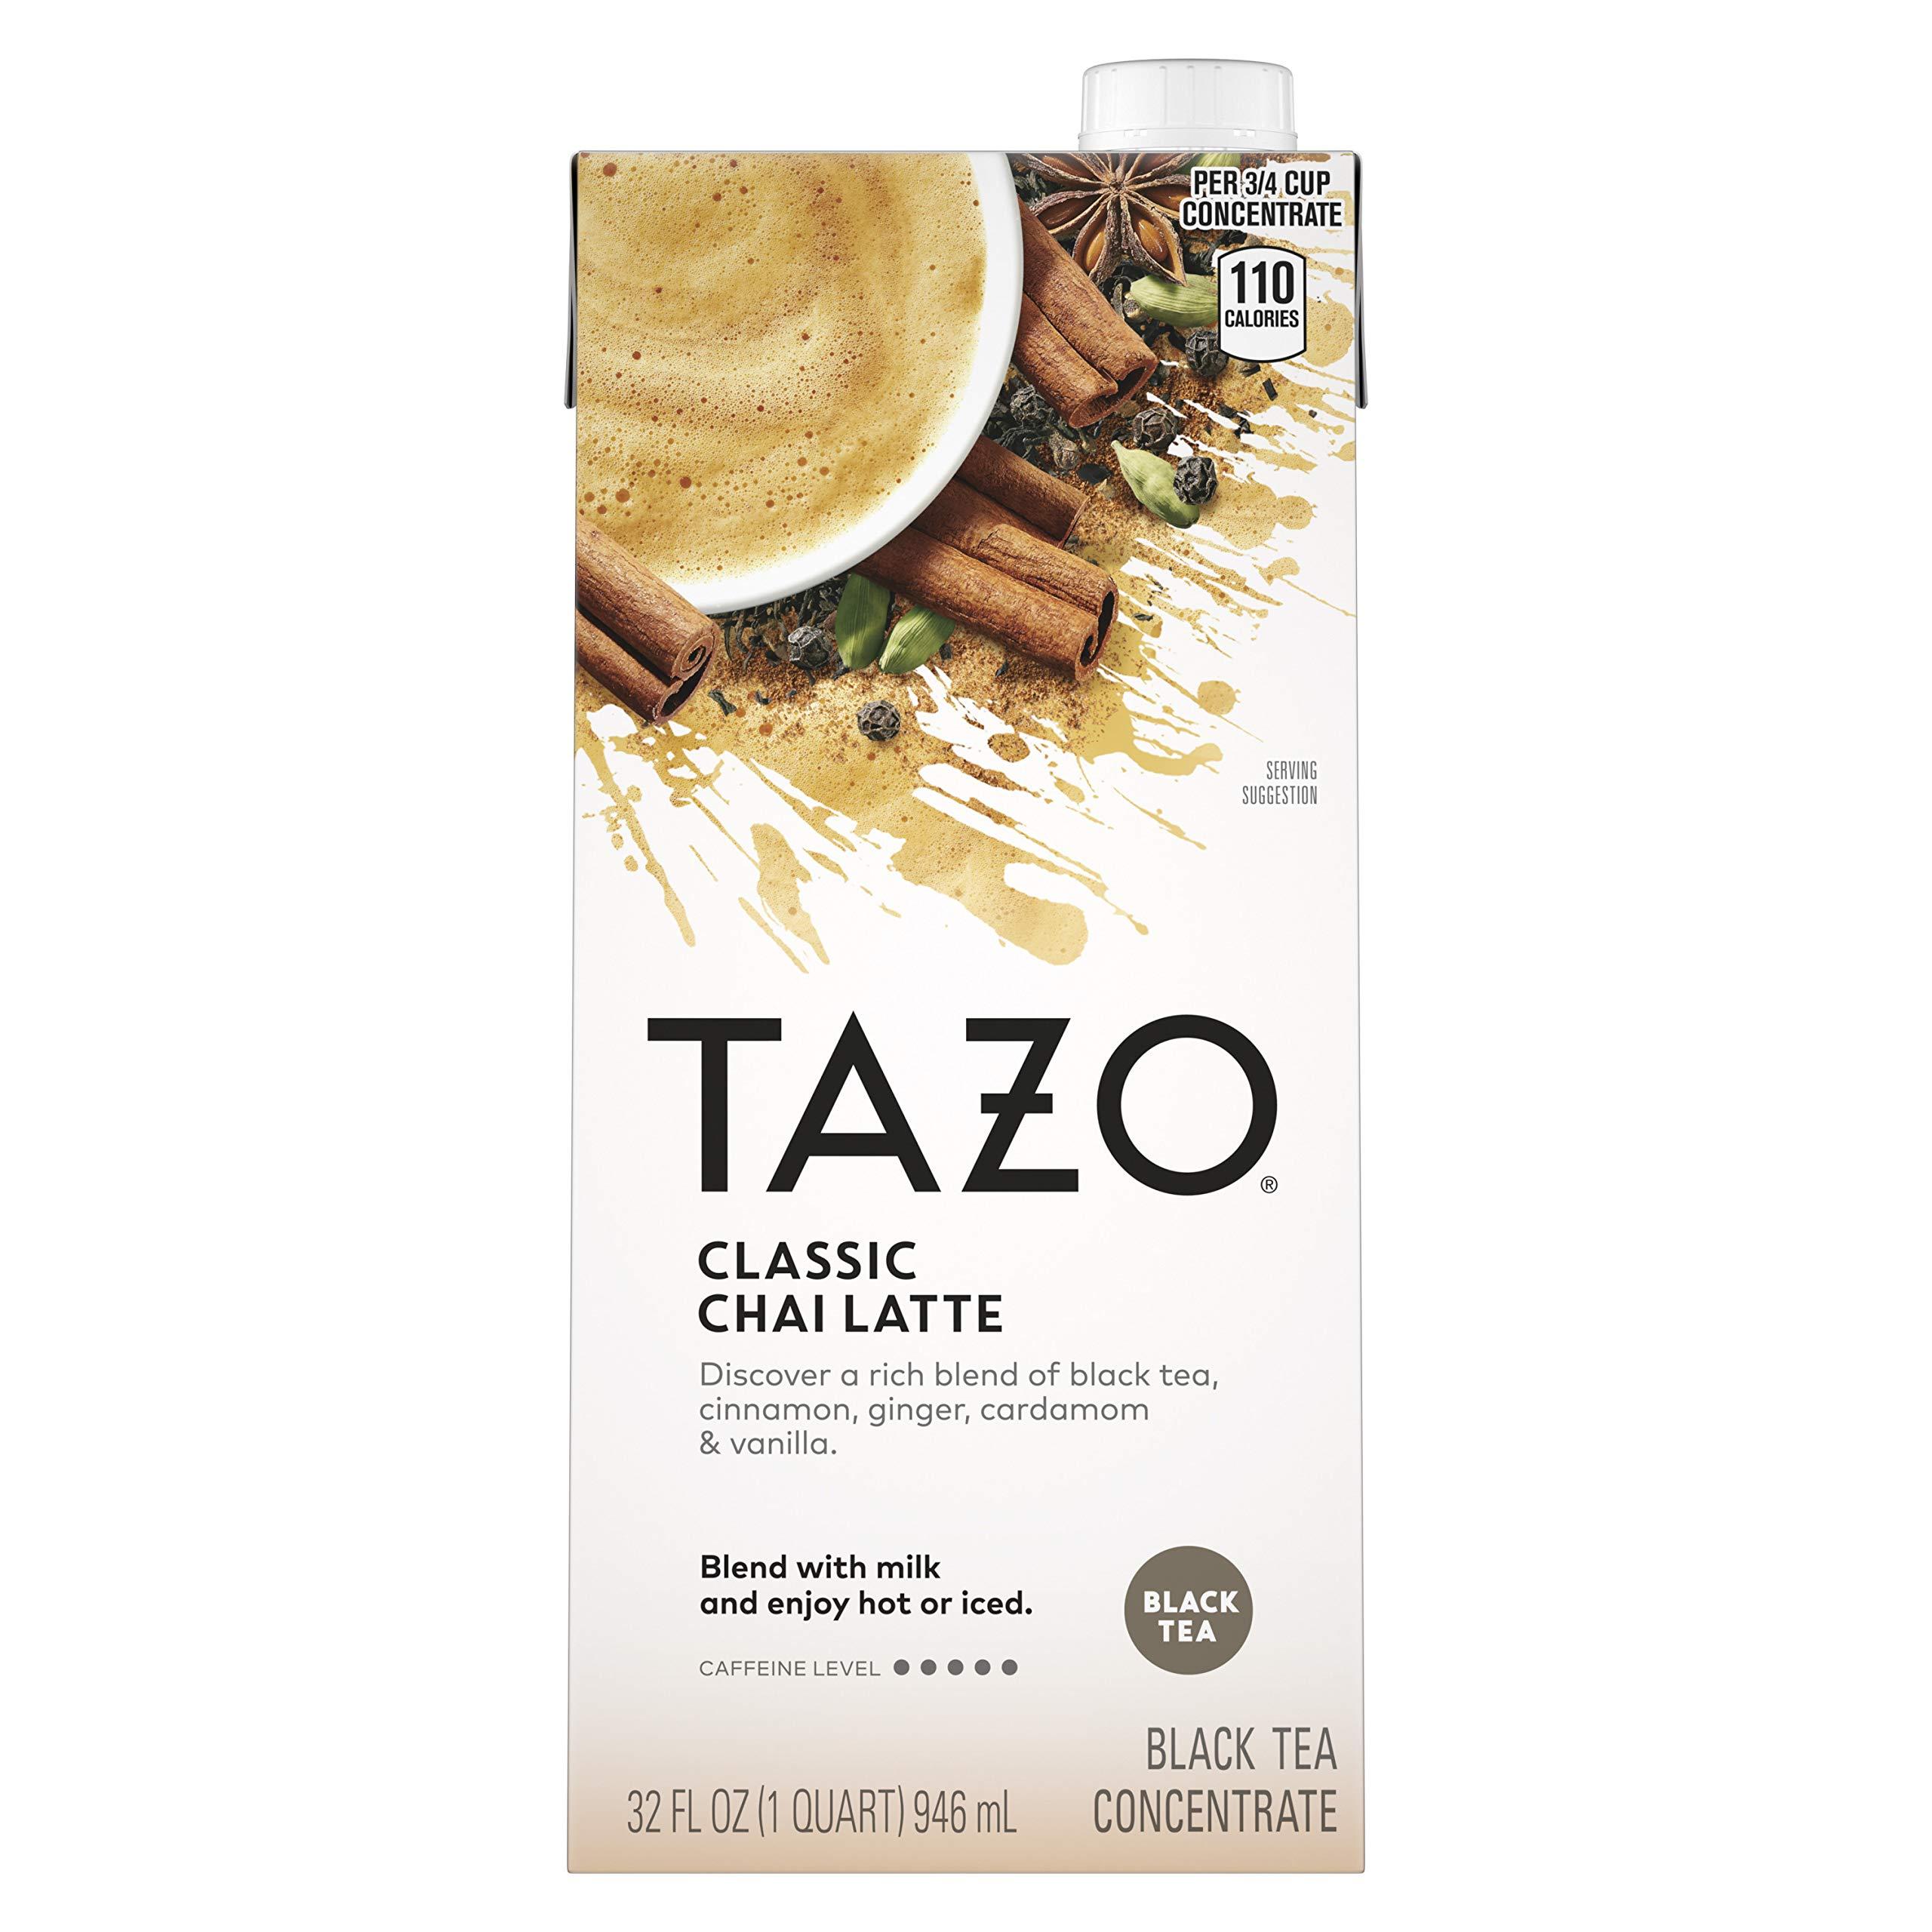 Tazo Organic Chai Latte Concentrate Black Tea 32 oz, 3 count